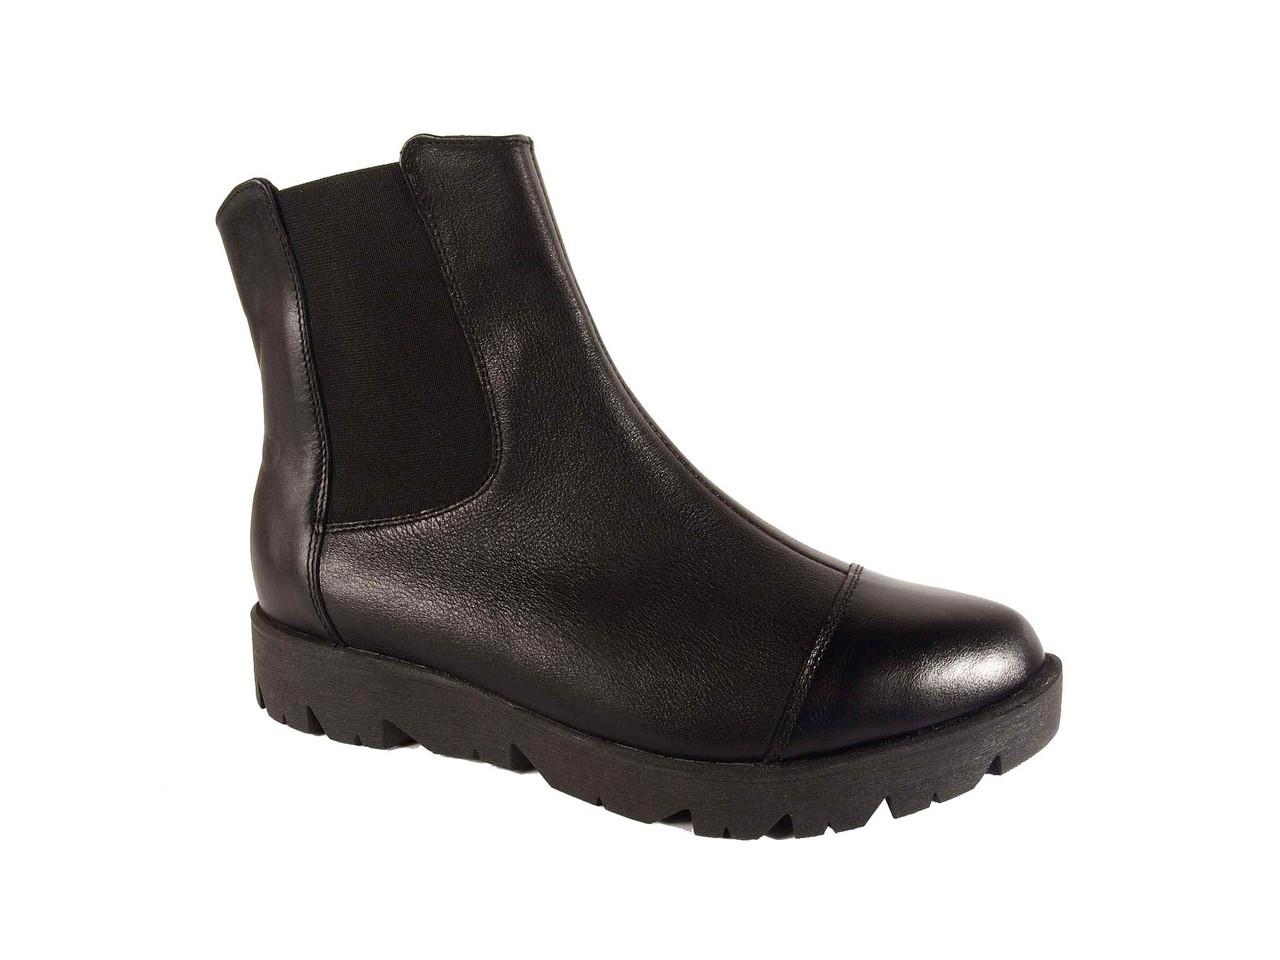 Ботинки женские демисезонные кожаные  МИДА 22129